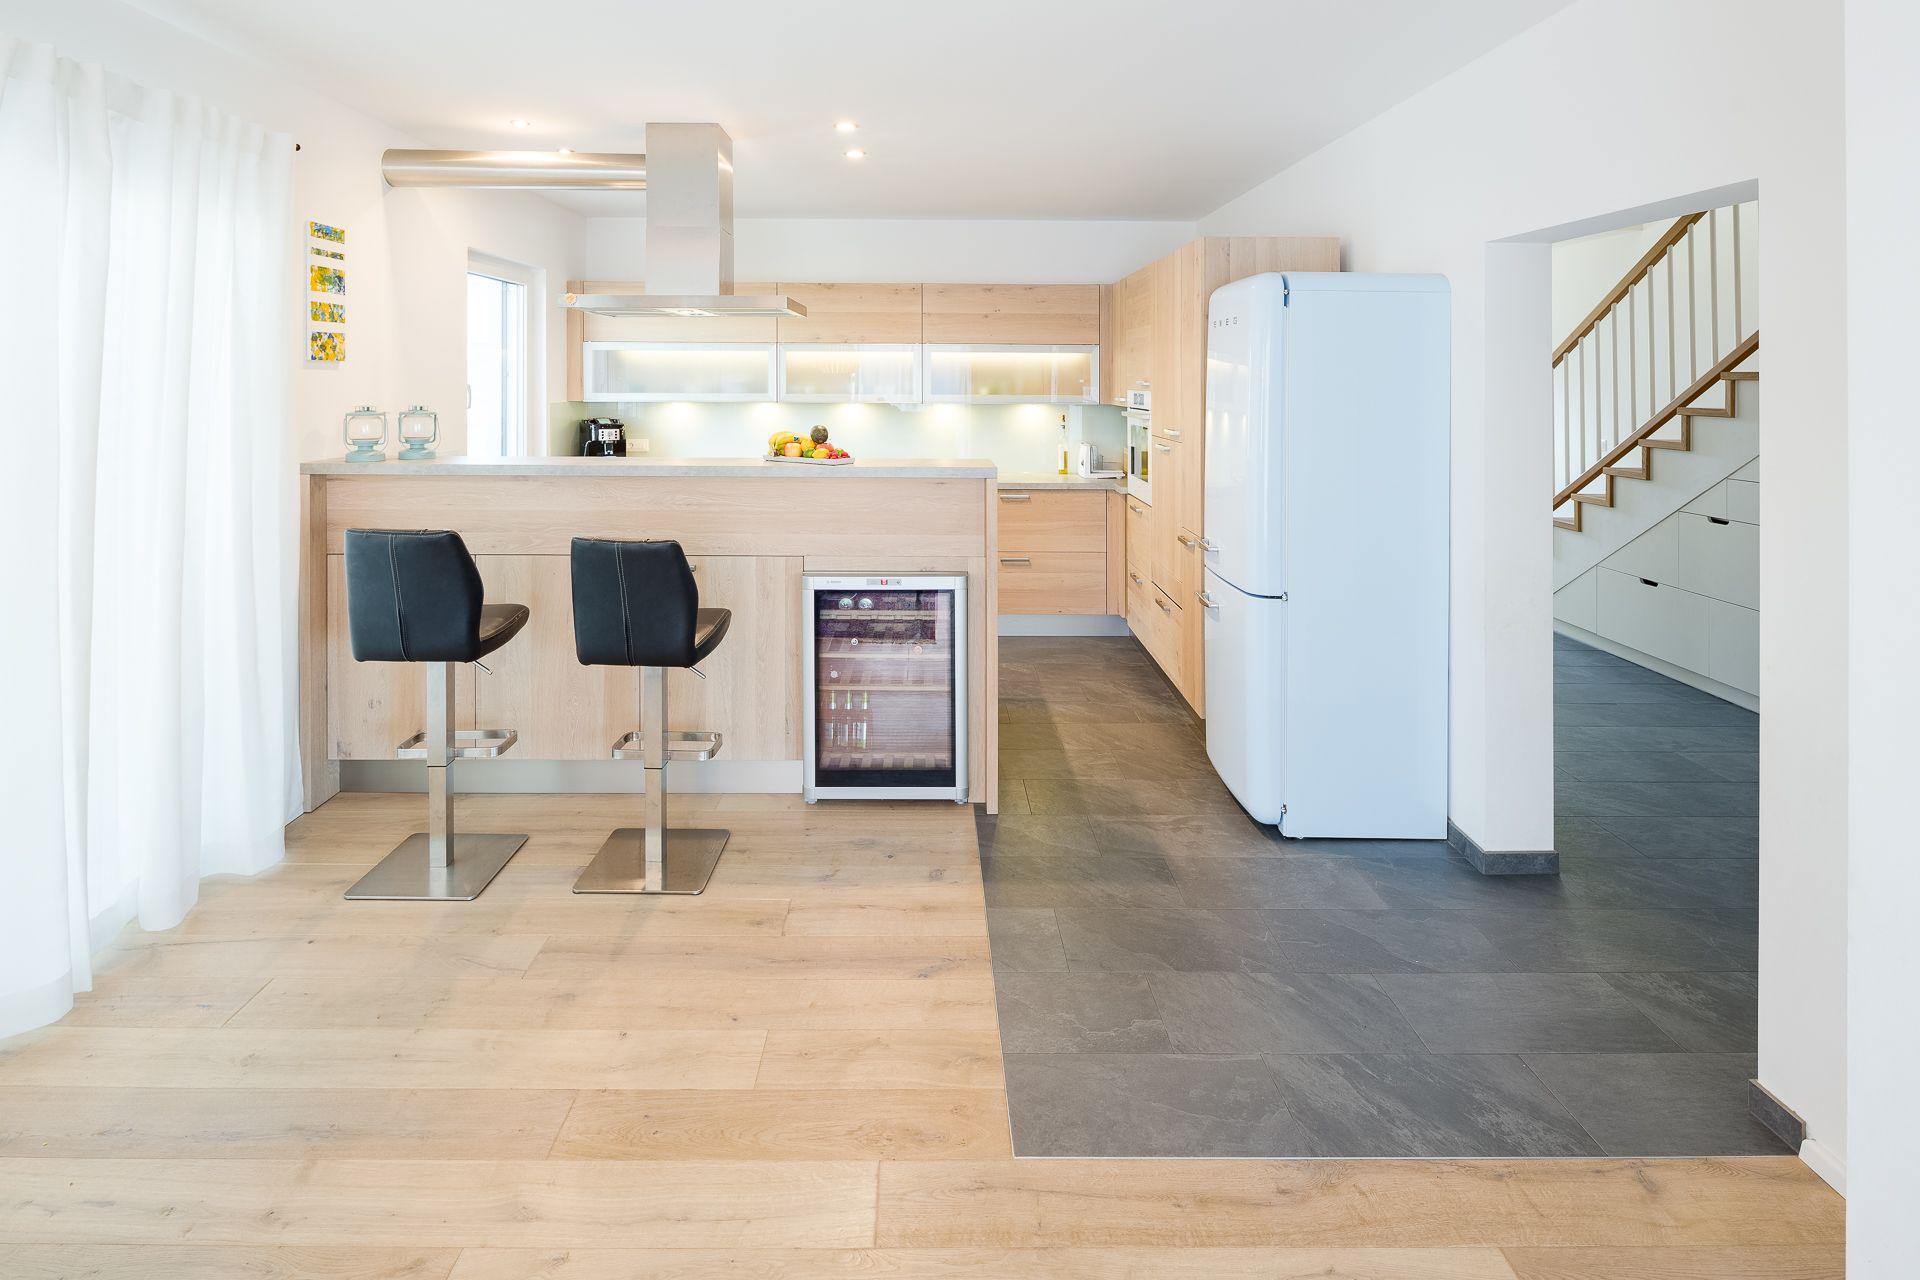 k che mit holzfronten und freistehendem retro k hlschrank integriertem weink hler und bar. Black Bedroom Furniture Sets. Home Design Ideas